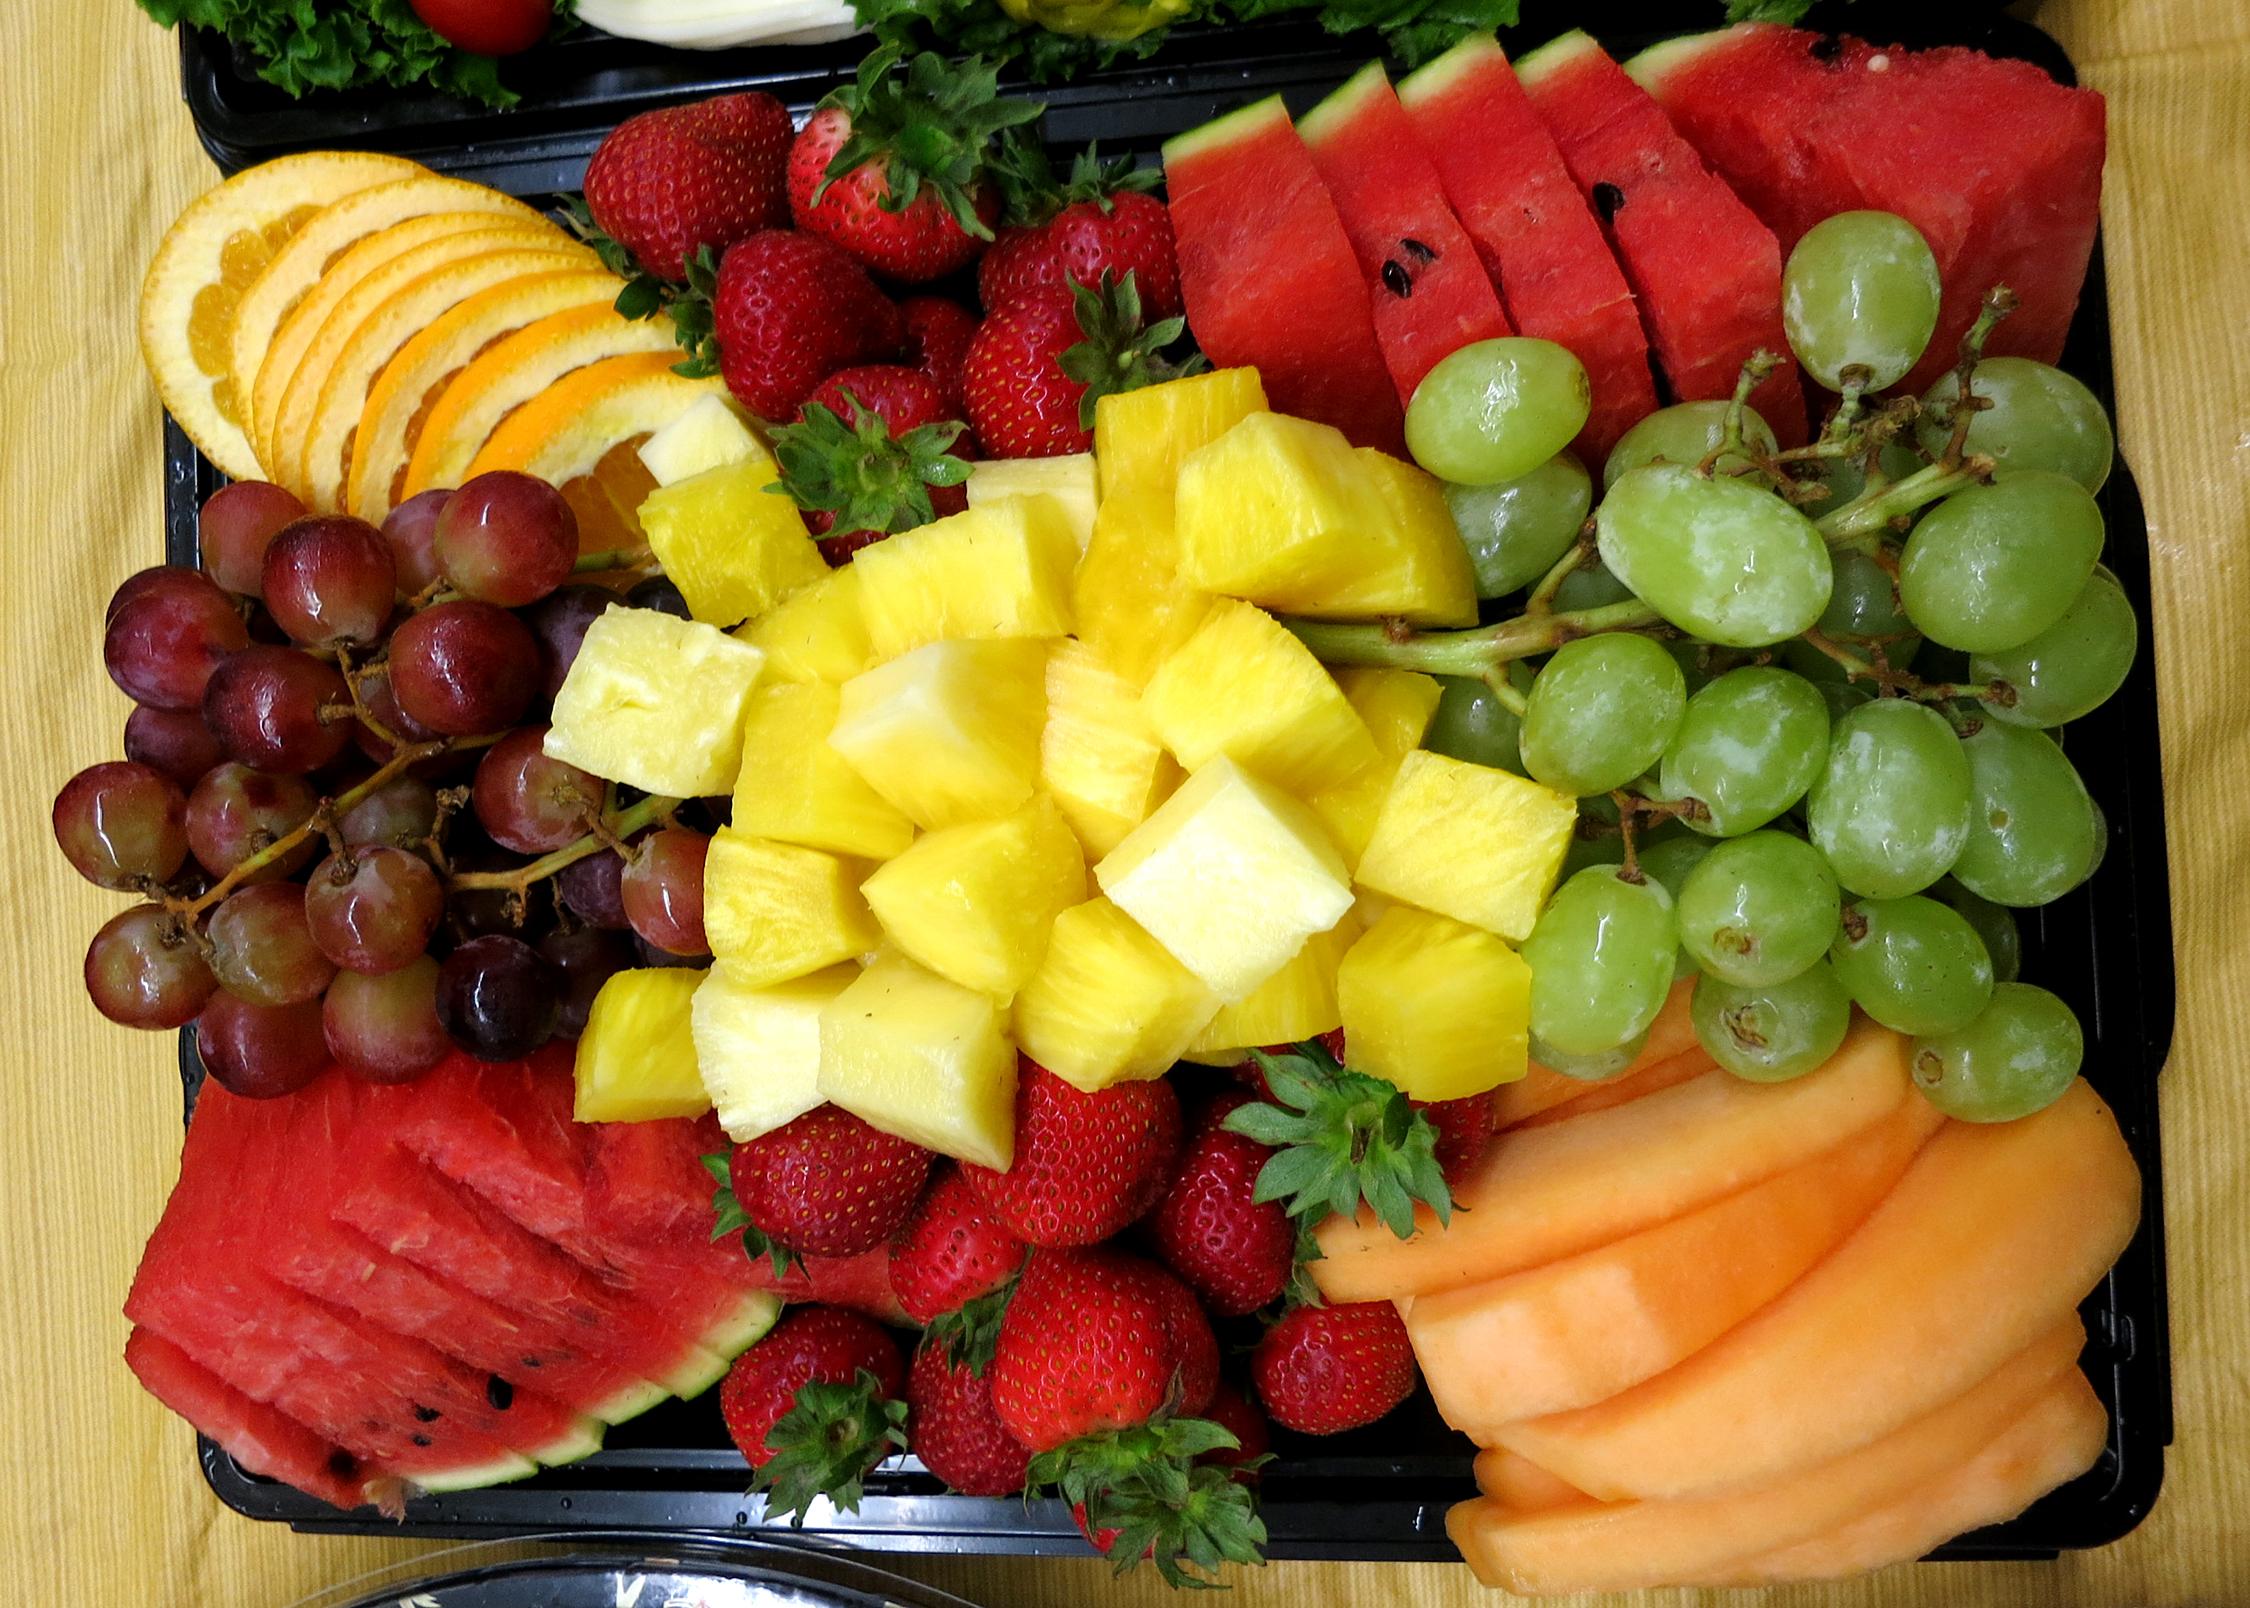 Diner Jk S Aloha Oe Potluck Party Tasty Island